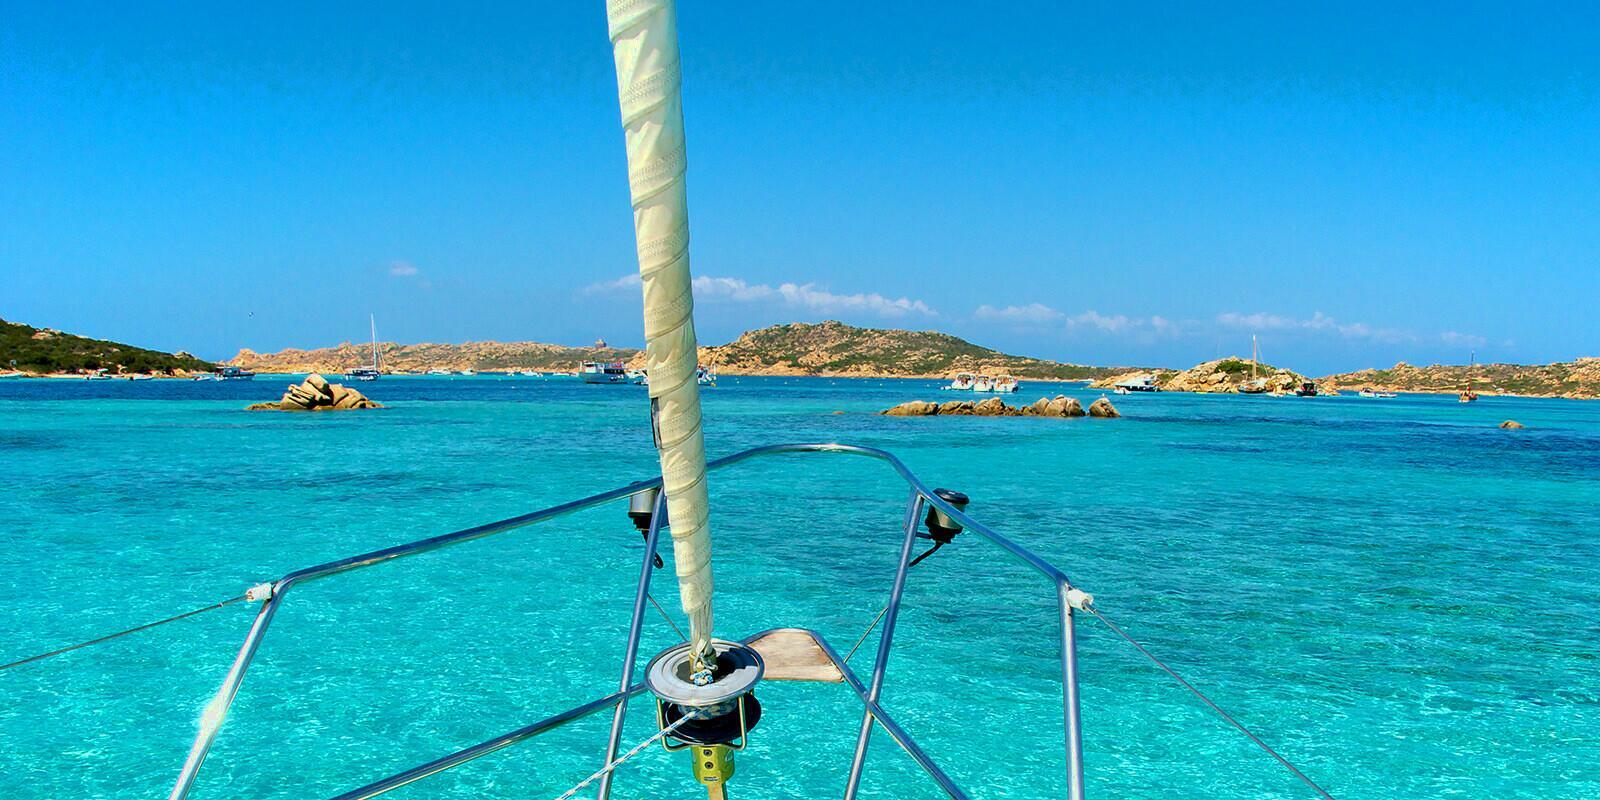 Vacanze in barca a vela in Italia, le mete da sognare per il 2021